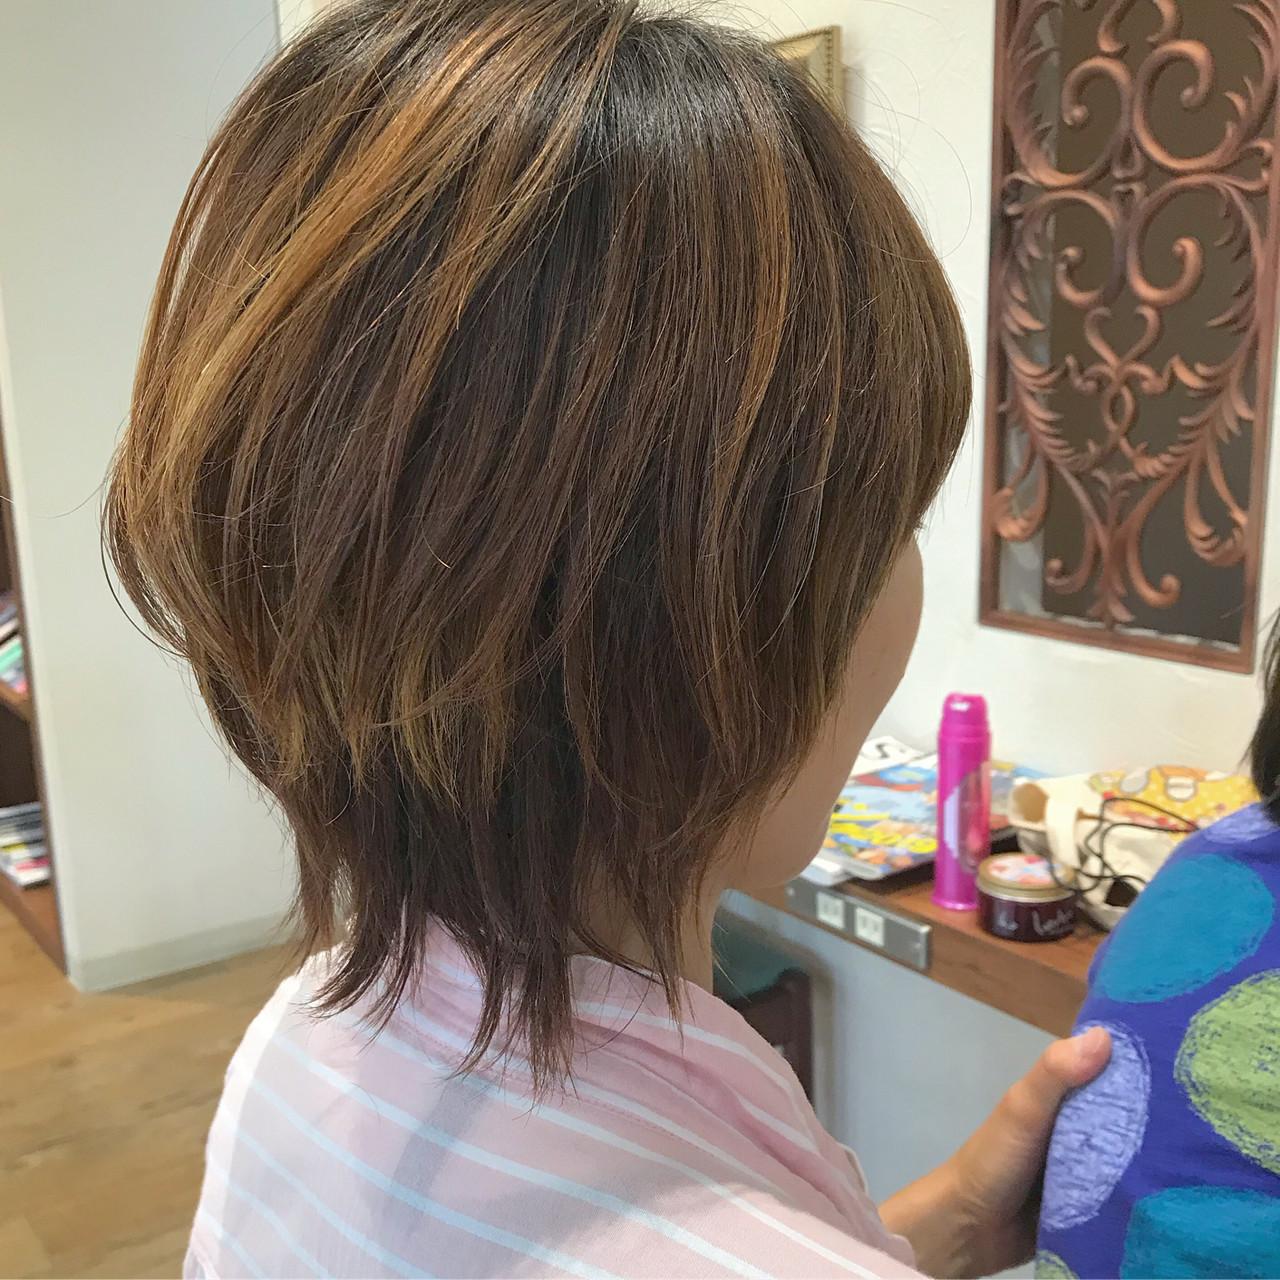 マッシュ ボブ マッシュヘア マッシュウルフ ヘアスタイルや髪型の写真・画像 | Nakamura Mari / rocca